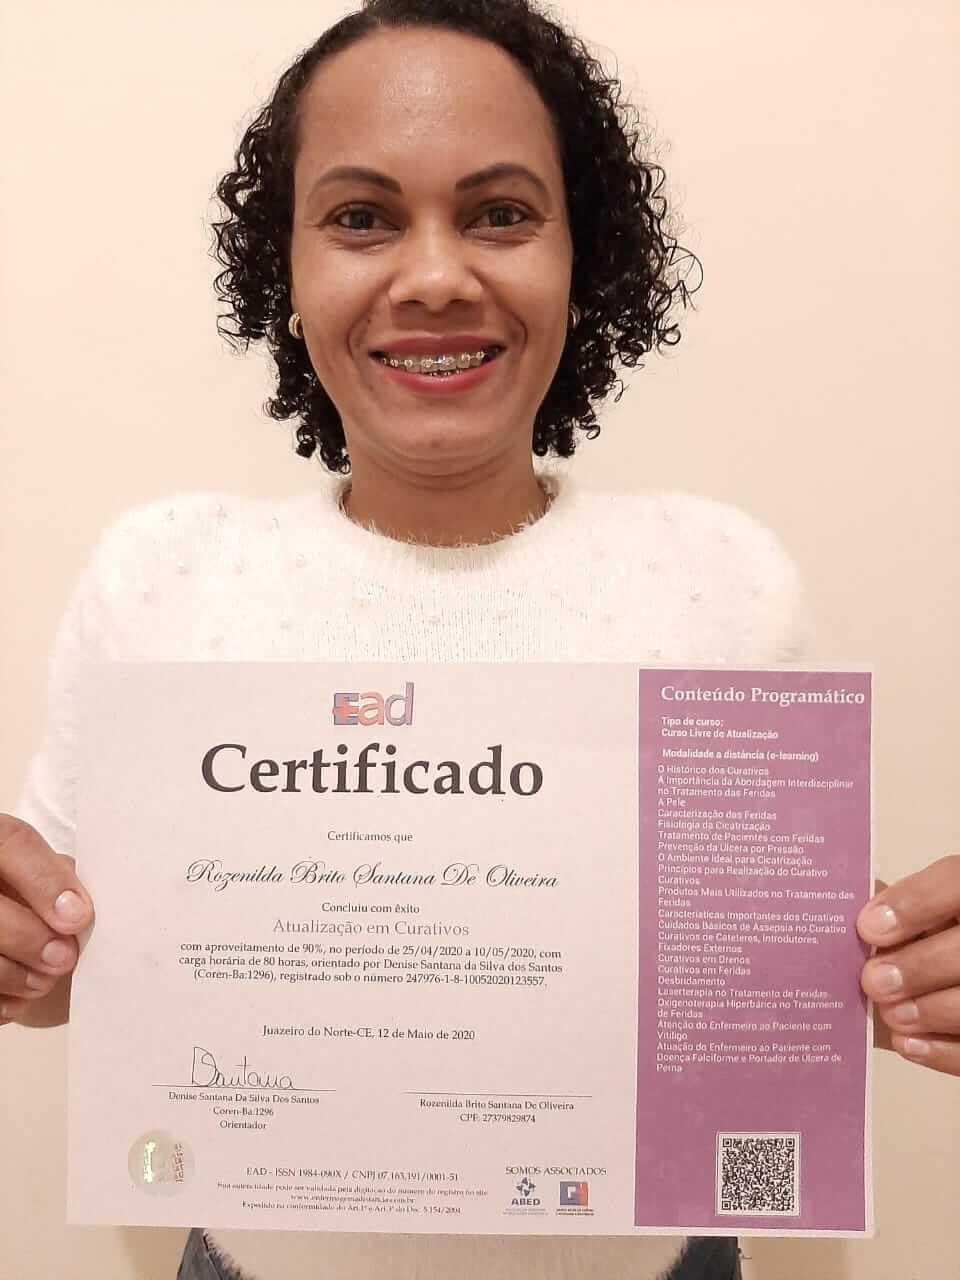 ROZENILDA BRITO SANTANA DE OLIVEIRA - TRÊS LAGOAS - MS